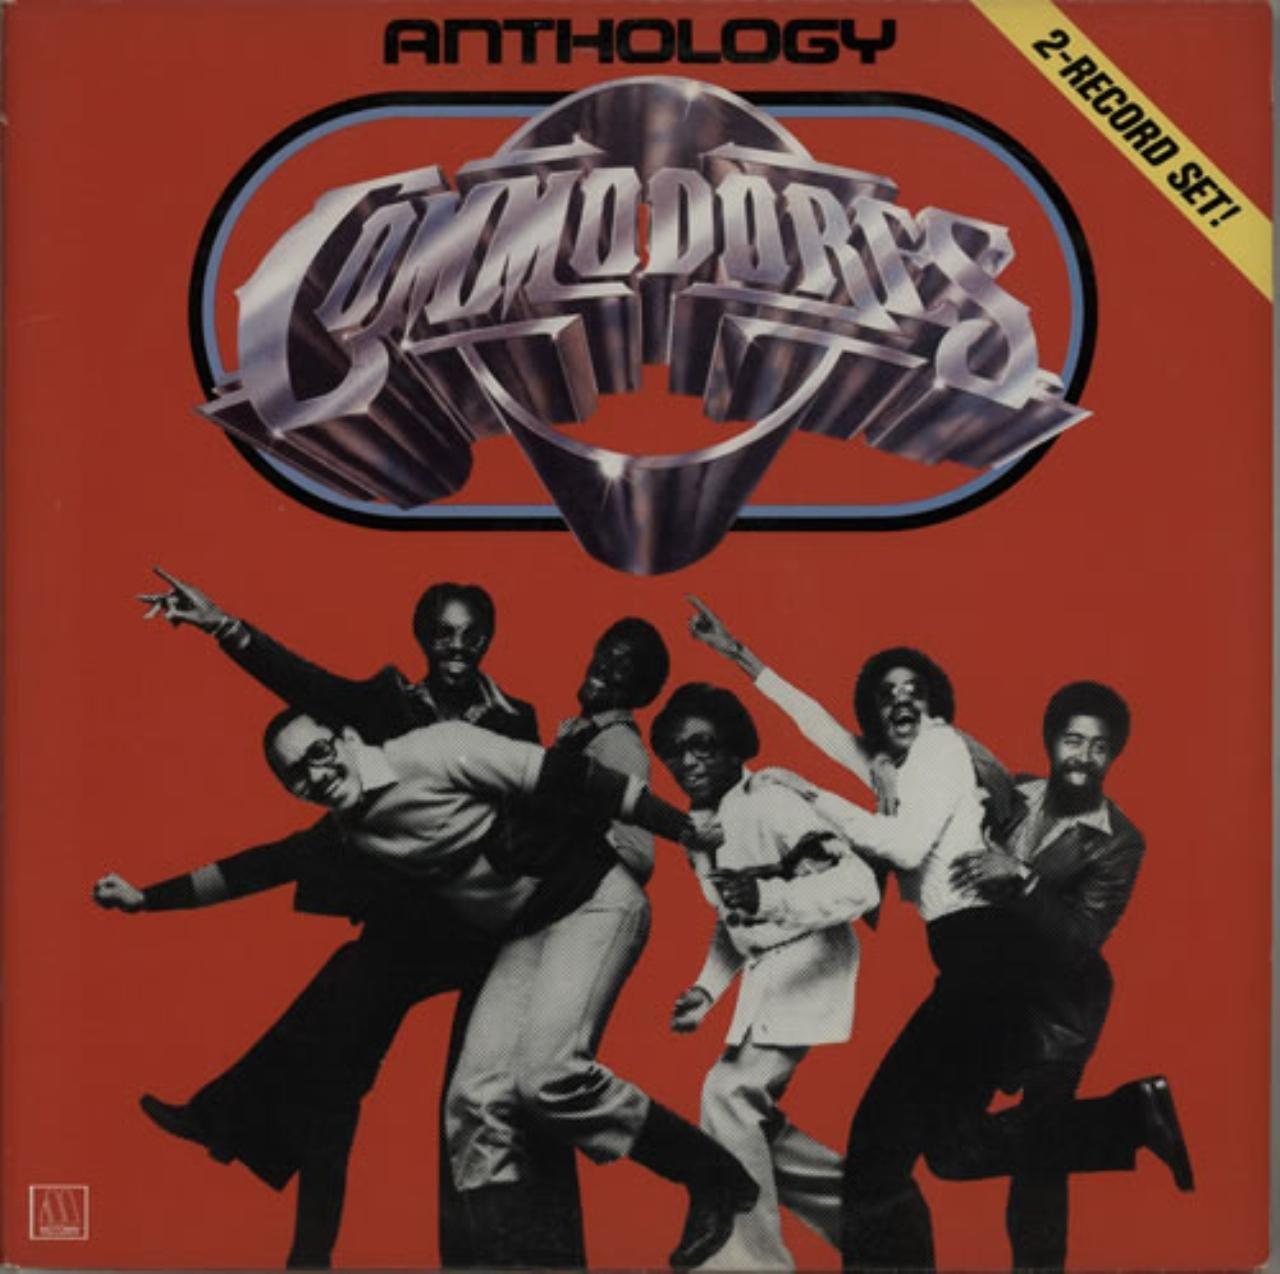 Anthology [LP VINYL]